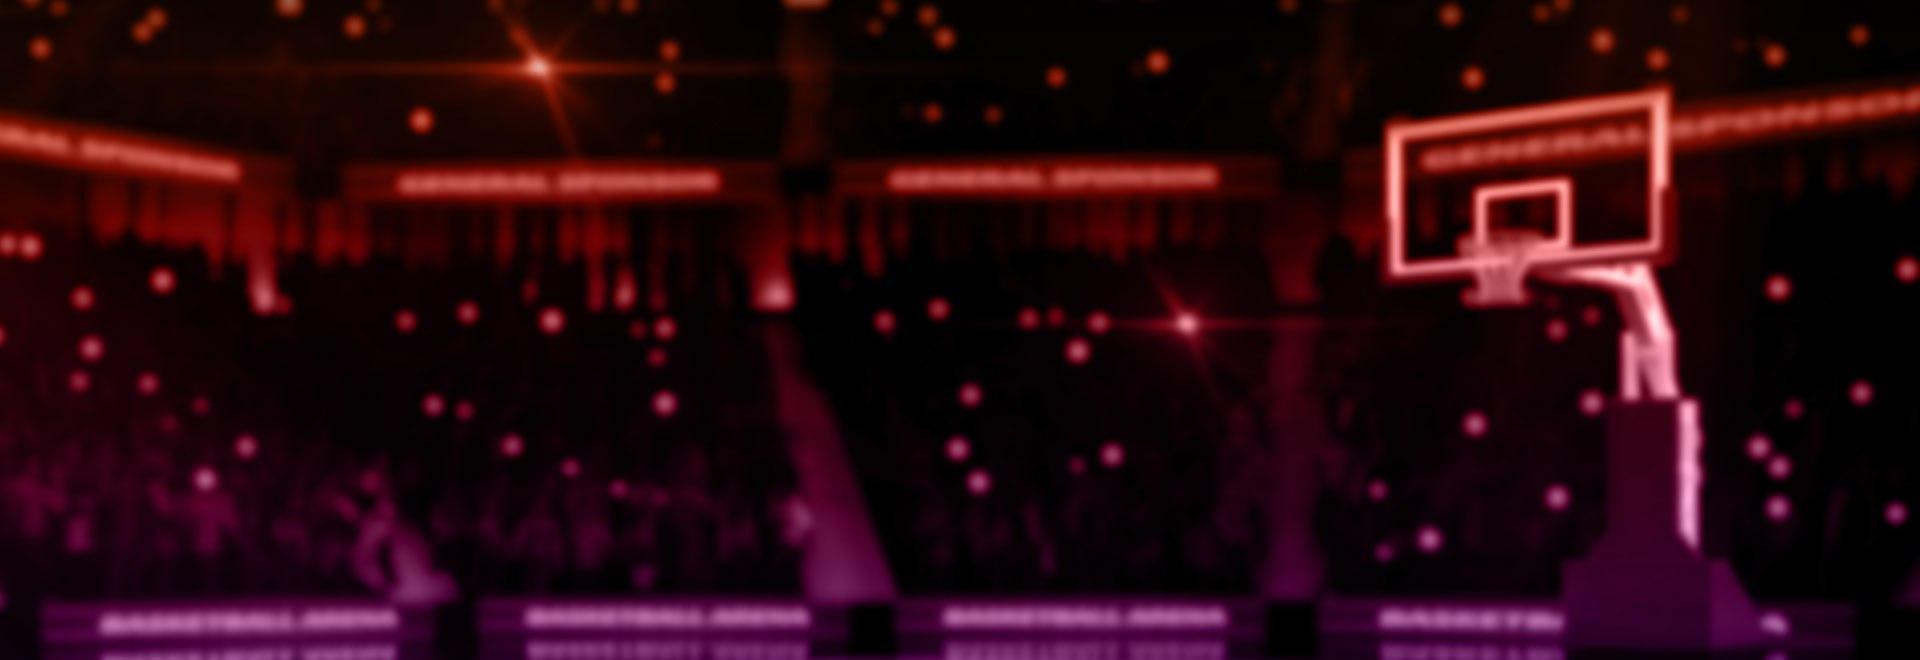 Dallas - Las Vegas Ace